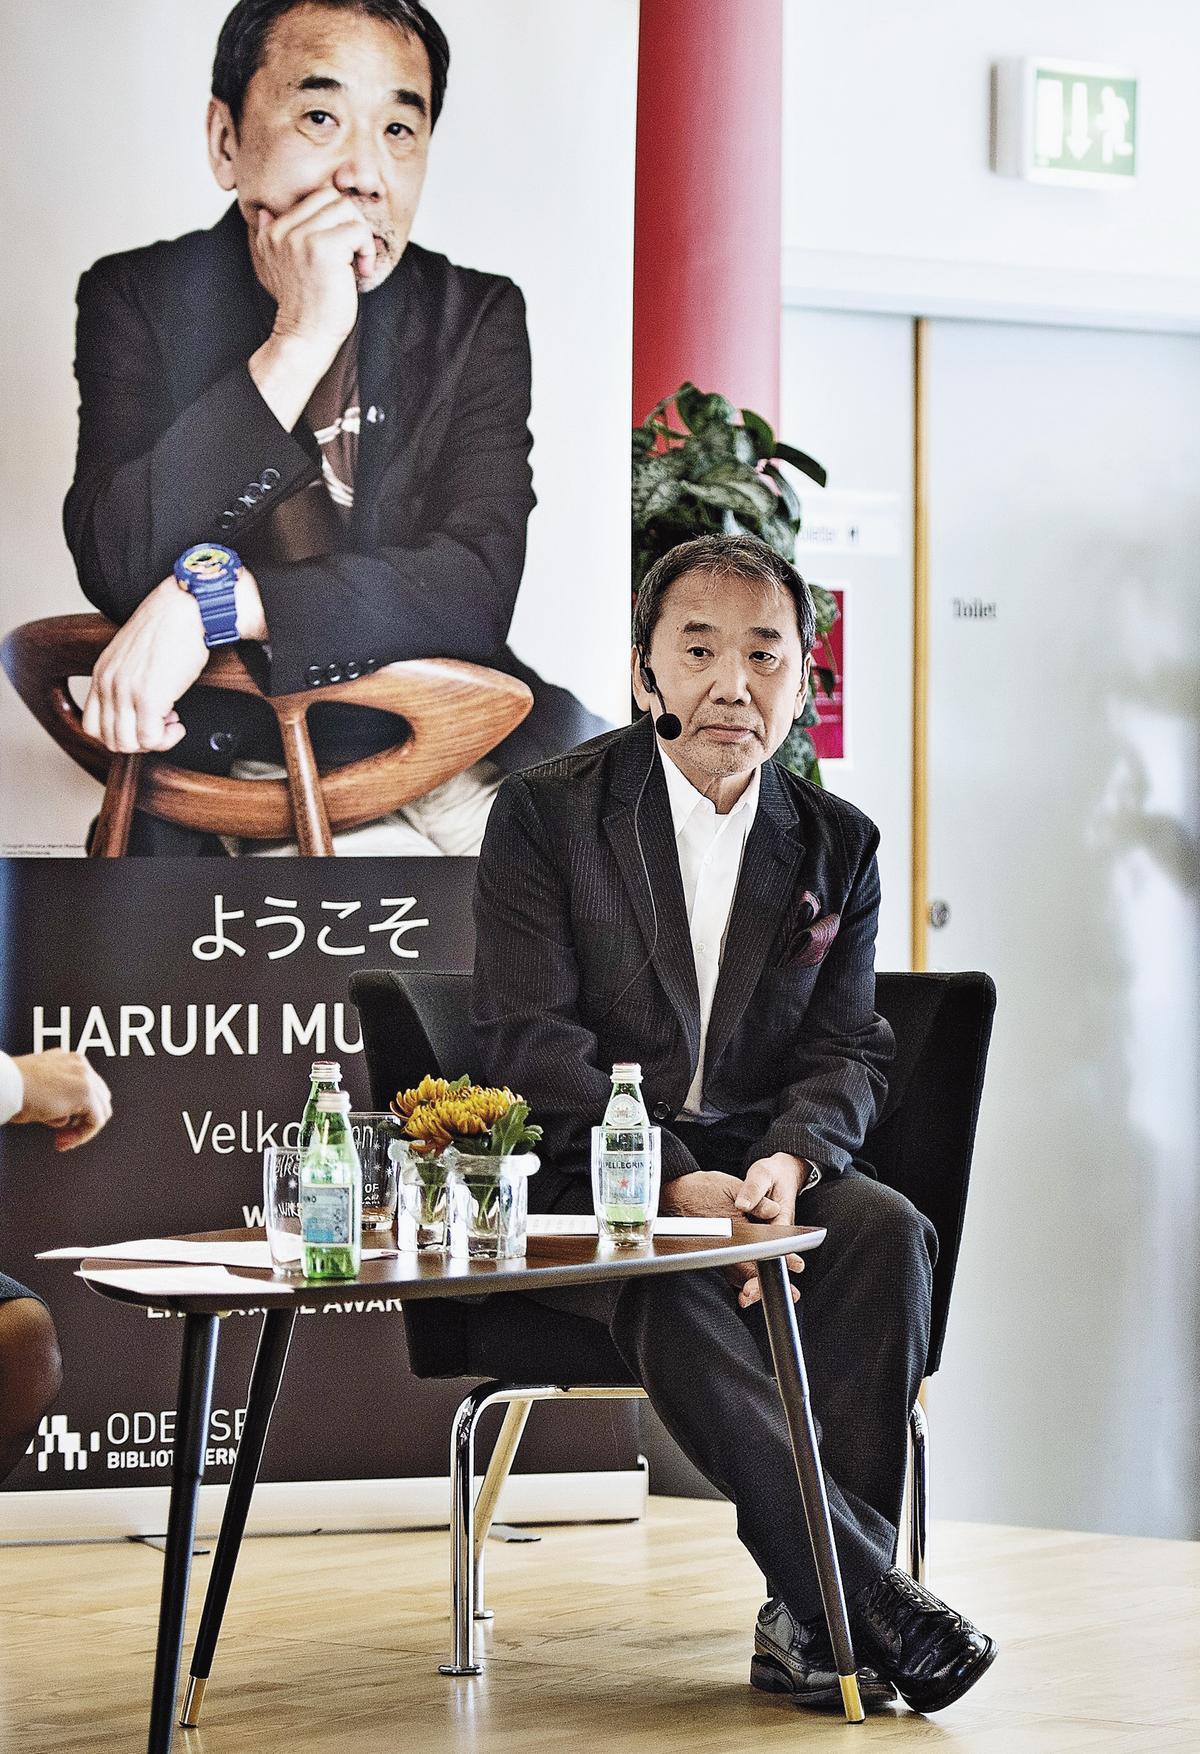 日本作家村上春樹看過森達也作品《A》《A2》,兩人對奧姆真理教的理解一致。(東方IC)